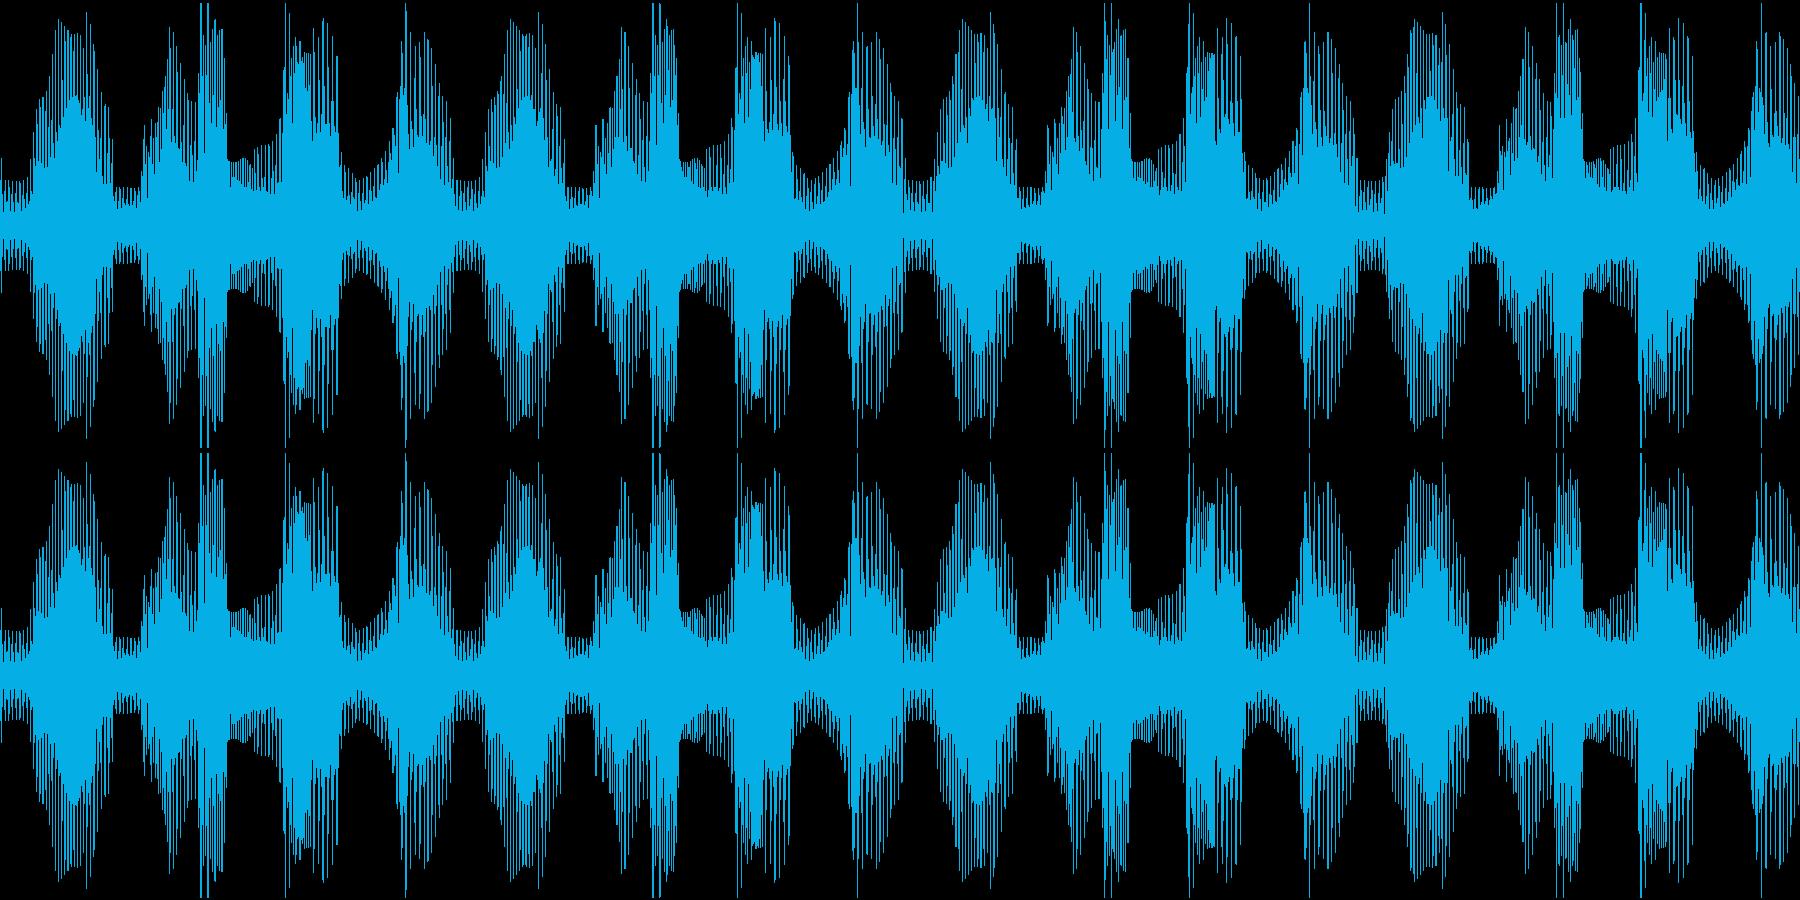 Techno ベース 1 音楽制作用の再生済みの波形